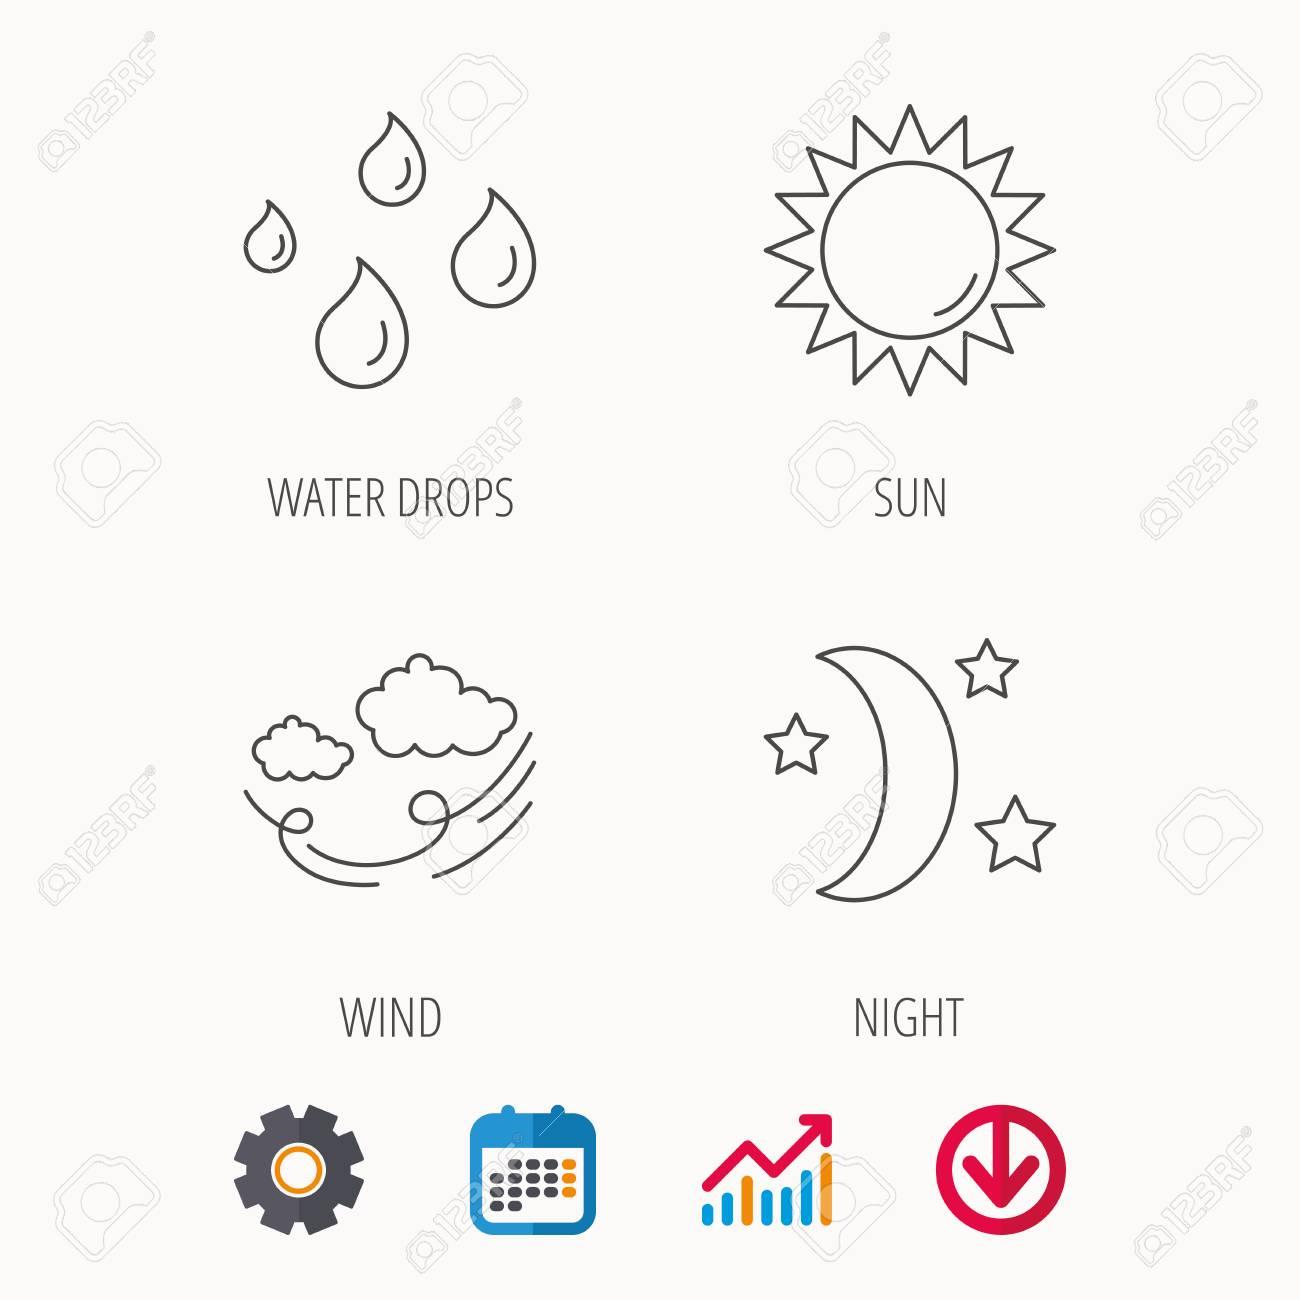 Calendrier Soleil.Icones Meteo Soleil Et Vent Lune Nuit Lineaire Signe Calendrier Diagramme Graphique Et Signes De Roue Dentee Telecharger L Icone Web Colore